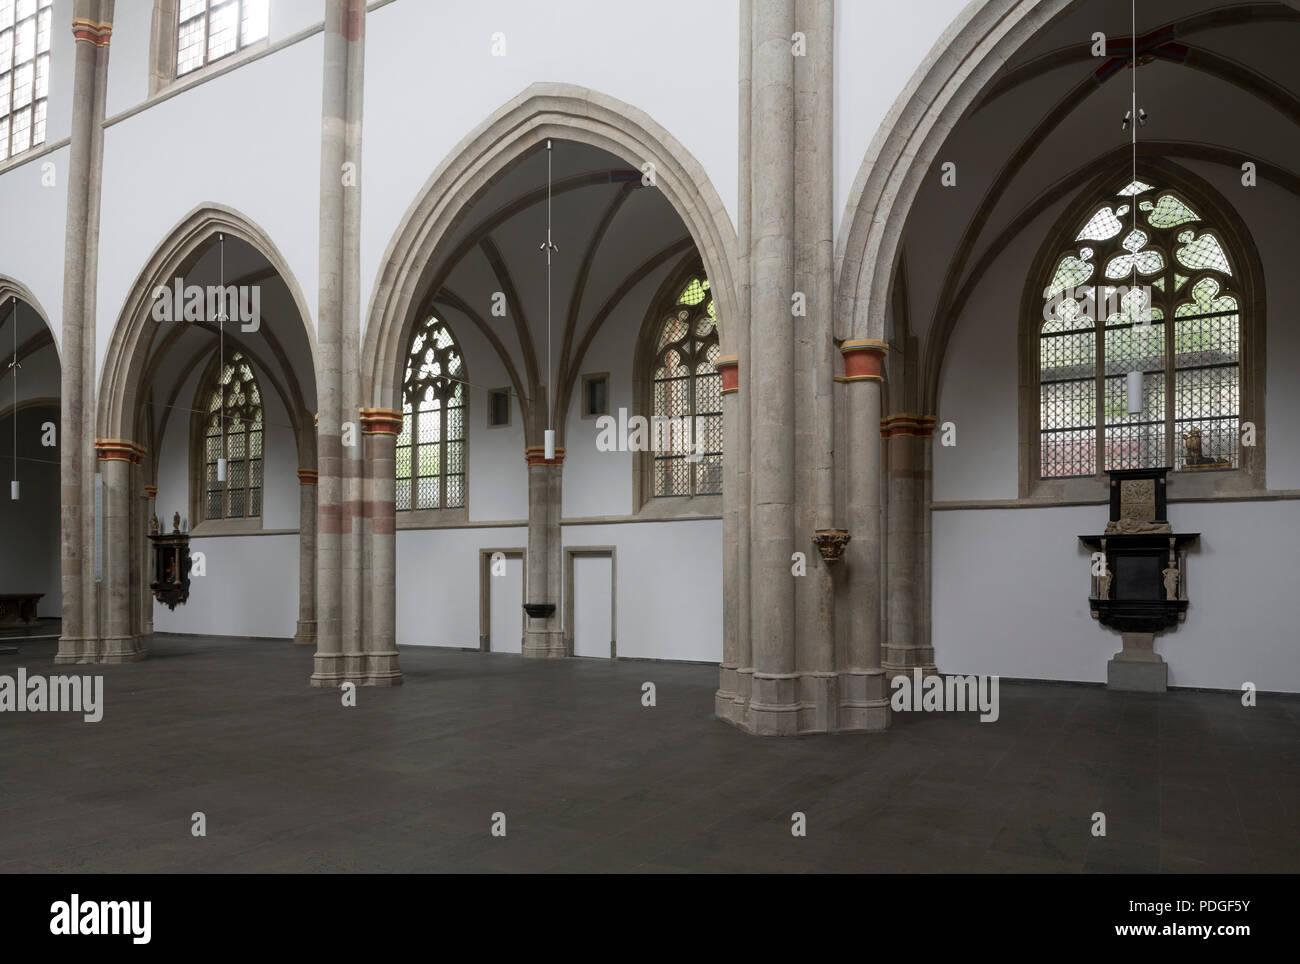 Nach der Renovierung ohne Kirchenbänke, Nördliche Langhauswand - Stock Image